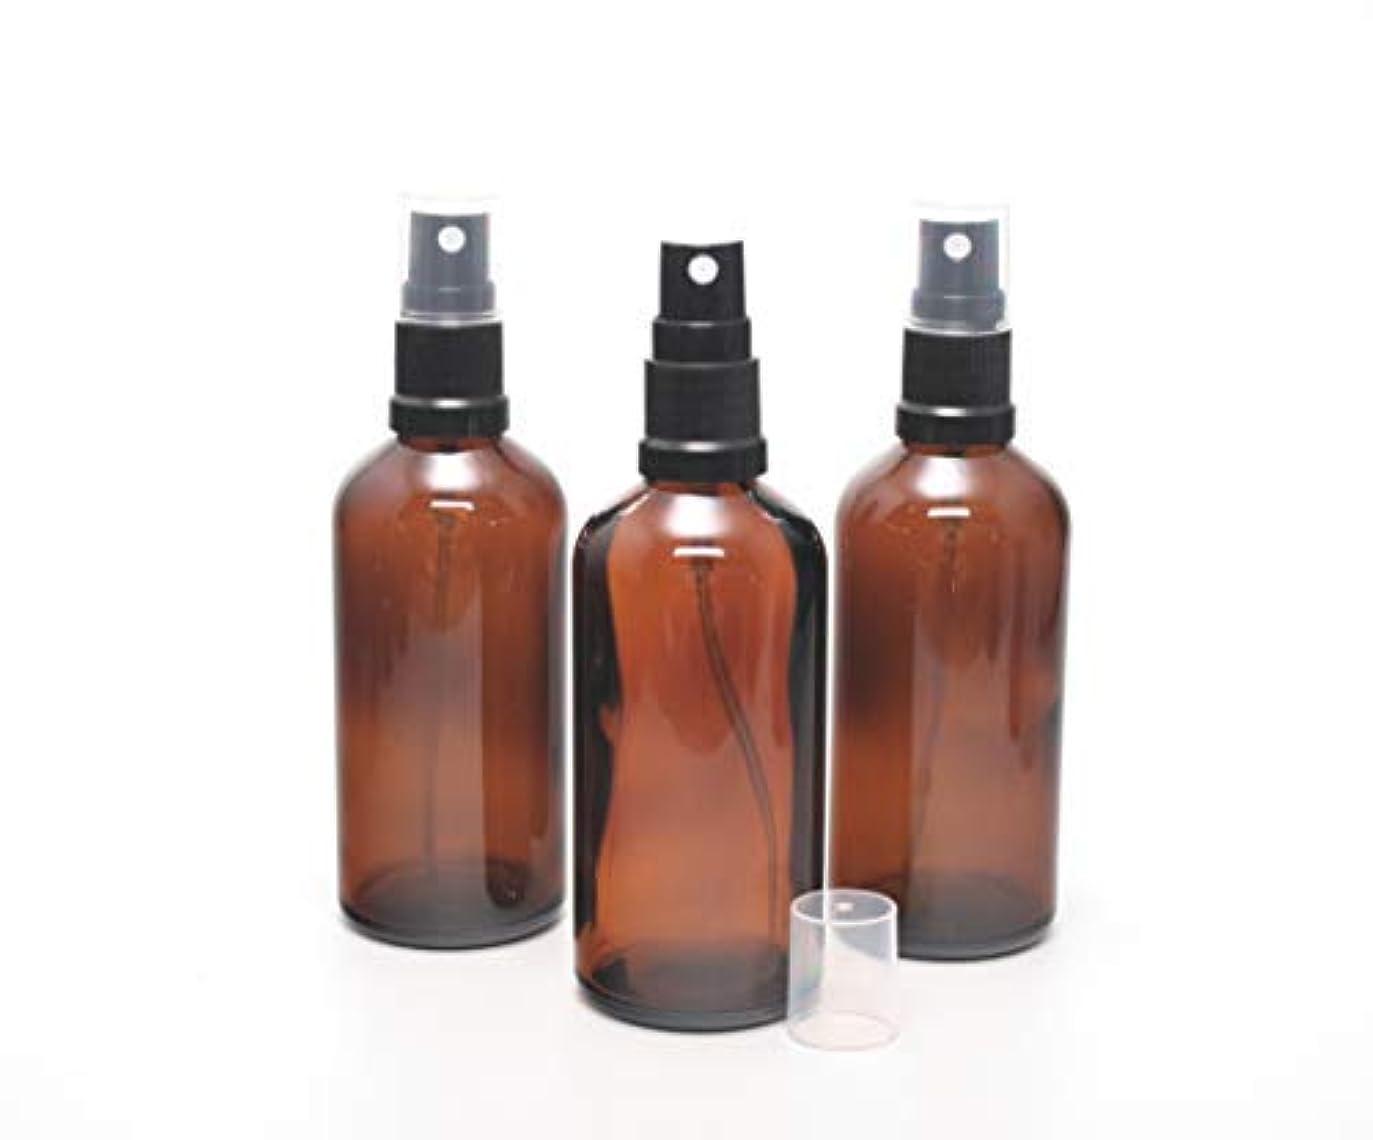 約数本能遮光瓶 スプレーボトル (グラス/アトマイザー) 100ml / ブラックヘッド 3本セット【Cクラス 新品アウトレット商品 】 (アンバー)